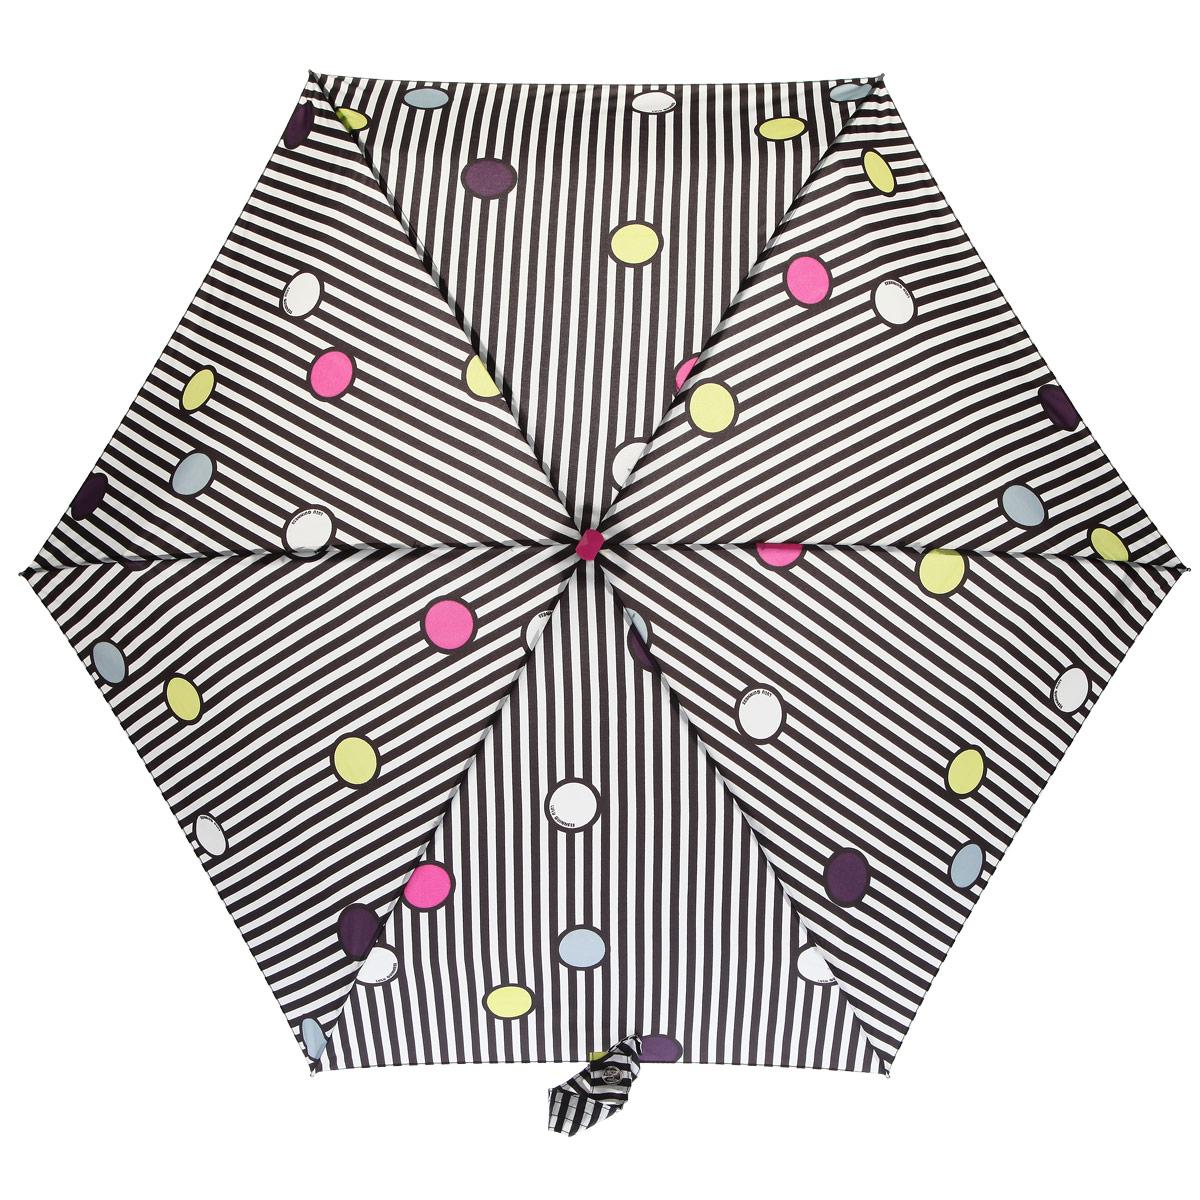 Зонт женский Fulton Lulu Guinness Tiny, механический, 5 сложений, цвет: черный, белый. L717-2782L717-2782Очаровательный механический зонт Lulu Guinness Tiny в 5 сложений изготовлен из высокопрочных материалов. Каркас зонта состоит из 6 спиц и прочного алюминиевого стержня. Купол зонта выполнен из прочного полиэстера с водоотталкивающей пропиткой и оформлен изображением в виде разноцветных горошков и полос. Рукоятка изготовлена из пластика. Зонт имеет механический механизм сложения: купол открывается и закрывается вручную до характерного щелчка. Небольшой шнурок, расположенный на рукоятке, позволяет надеть изделие на руку при необходимости. Модель закрывается при помощи хлястика на кнопку. К зонту прилагается чехол. Прелестный зонт не только выручит вас в ненастную погоду, но и станет стильным аксессуаром, прекрасно дополнит ваш модный образ. Необыкновенно компактный зонт с легкостью поместится в маленькую сумочку